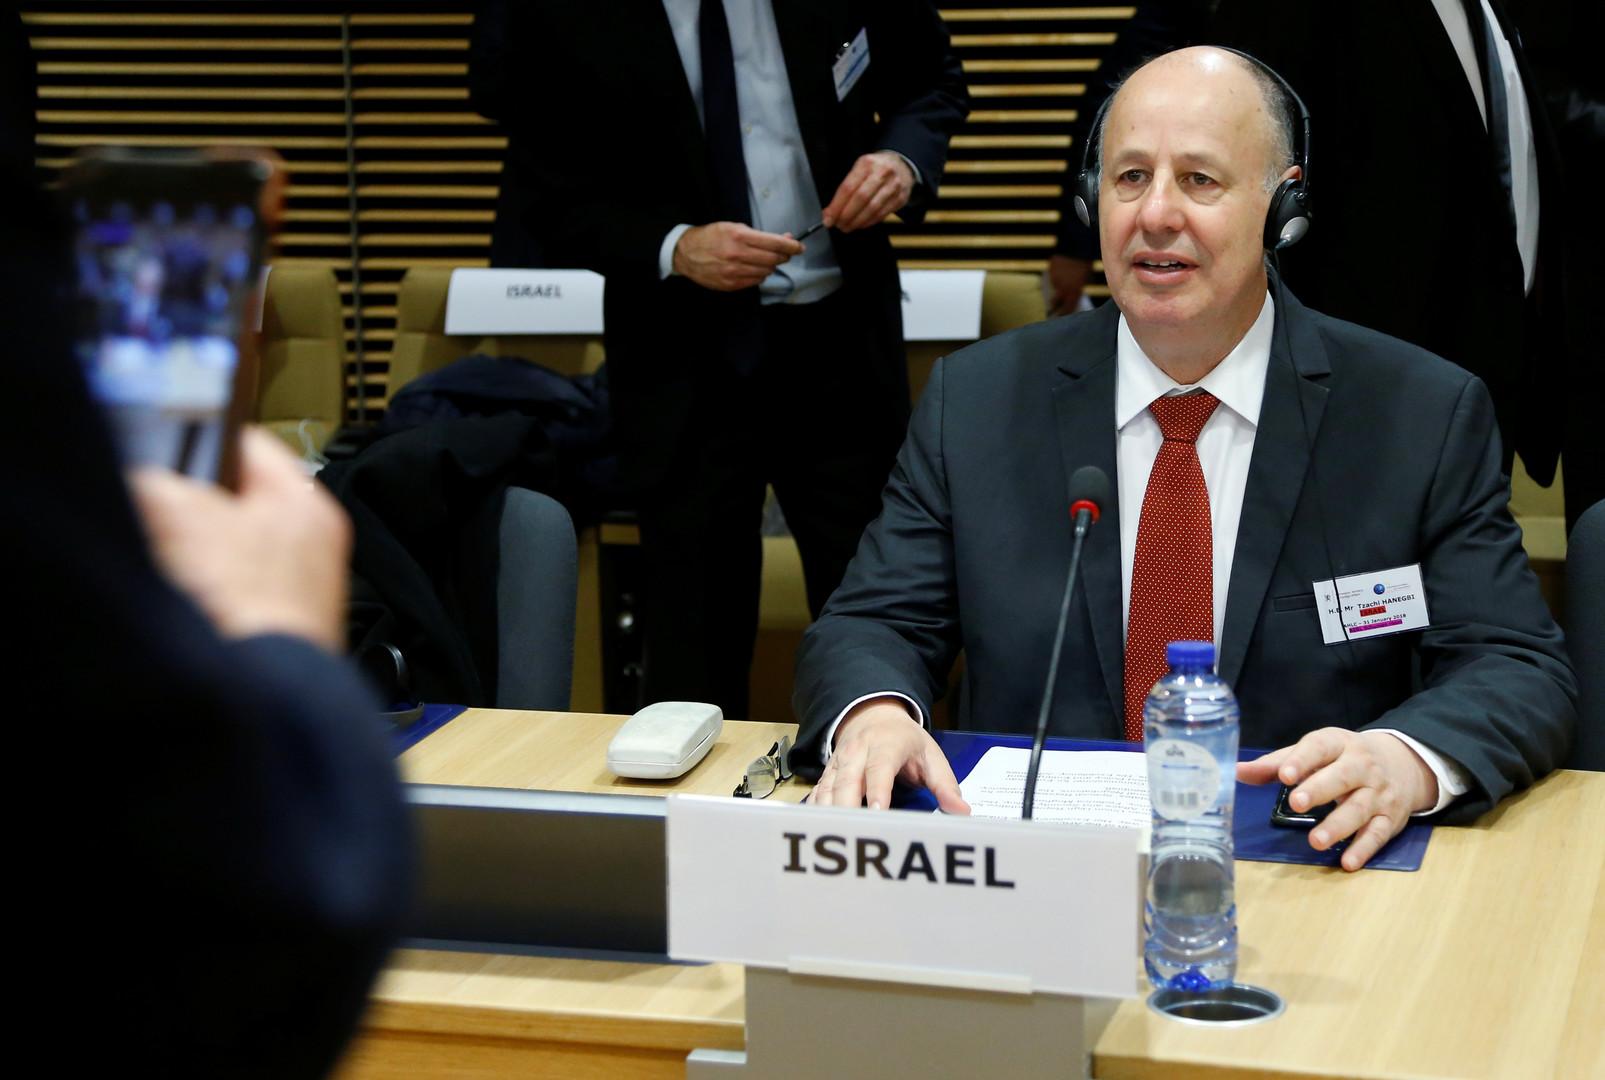 إسرائيل: مقترح كوشنر لاستحداث معبر بين الضفة وغزة غير مناسب